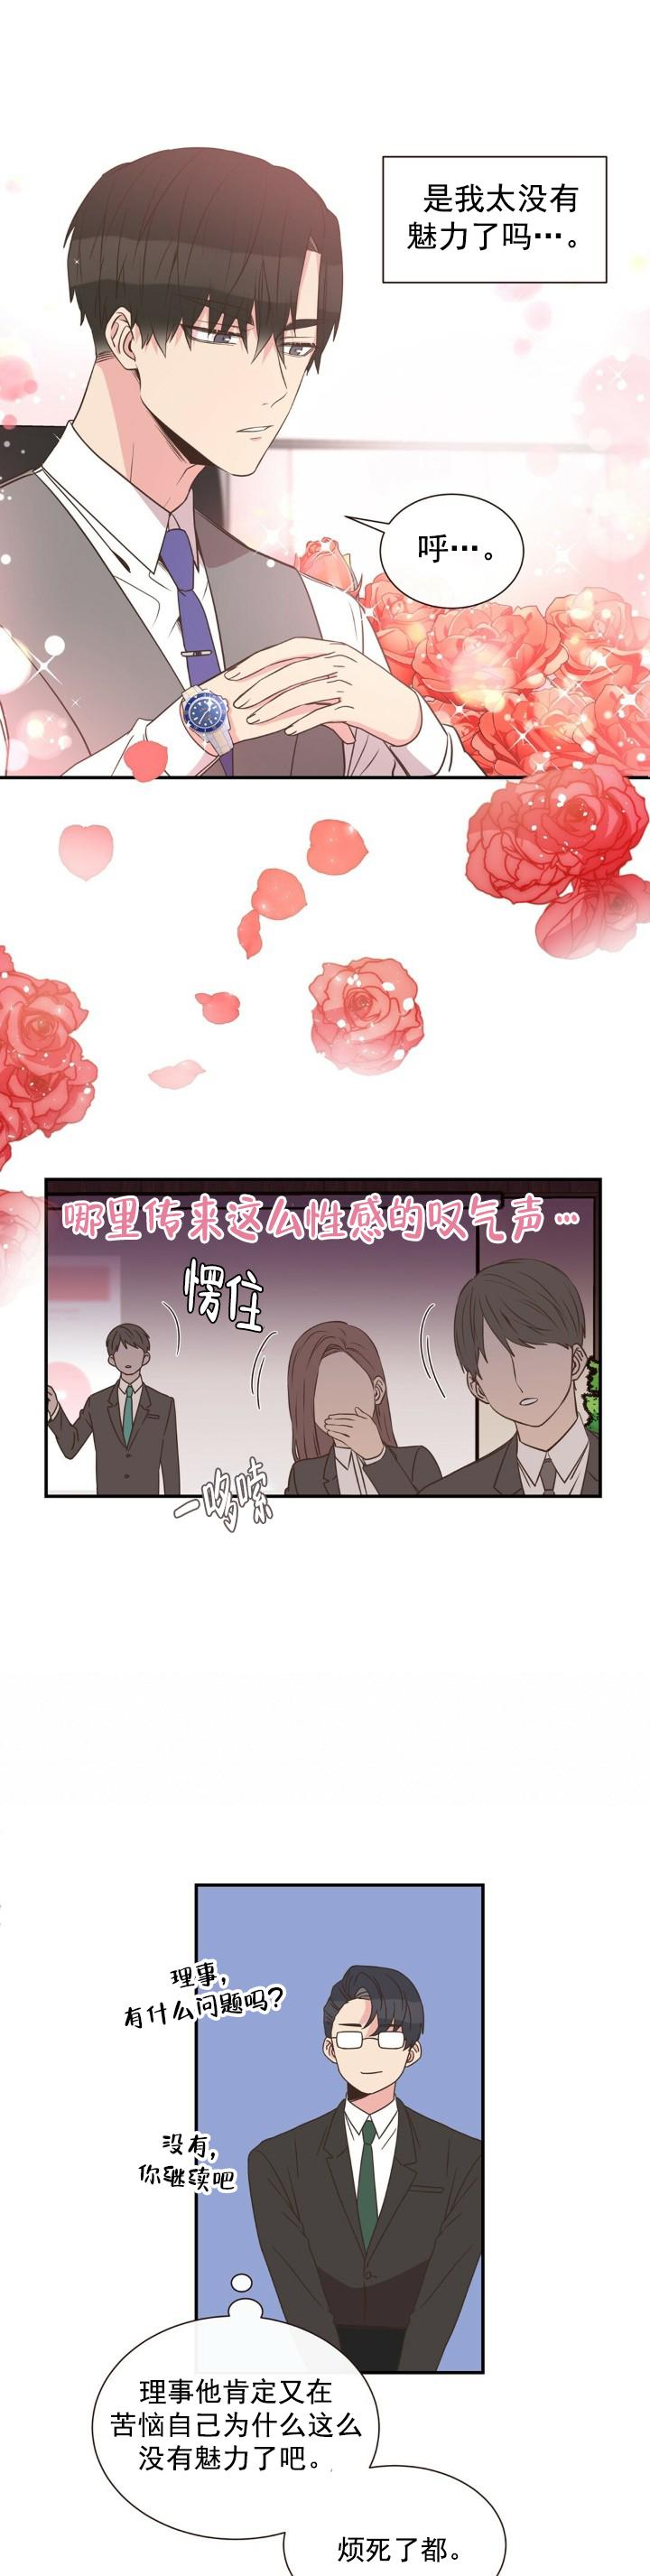 韩漫 |《脱单大作战》当恋爱小白遇上命中注定~甜心太可爱!  第12张